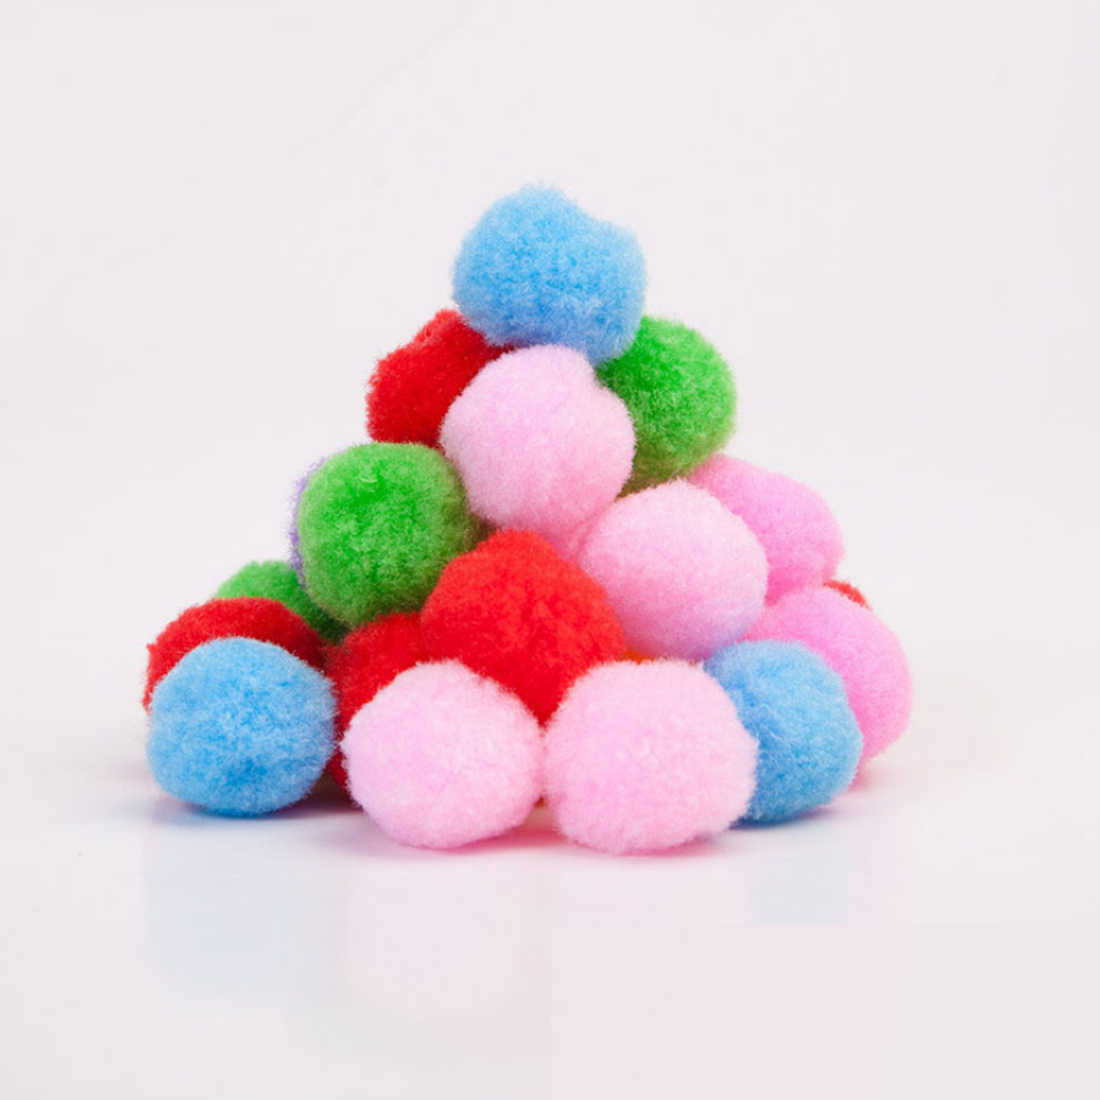 Nova 100pcs 5 tamanho cor da mistura Macia Fluffy Plush pano Artesanato DIY bola Macia bola de pêlo pompom decoração da sua casa suprimentos de costura